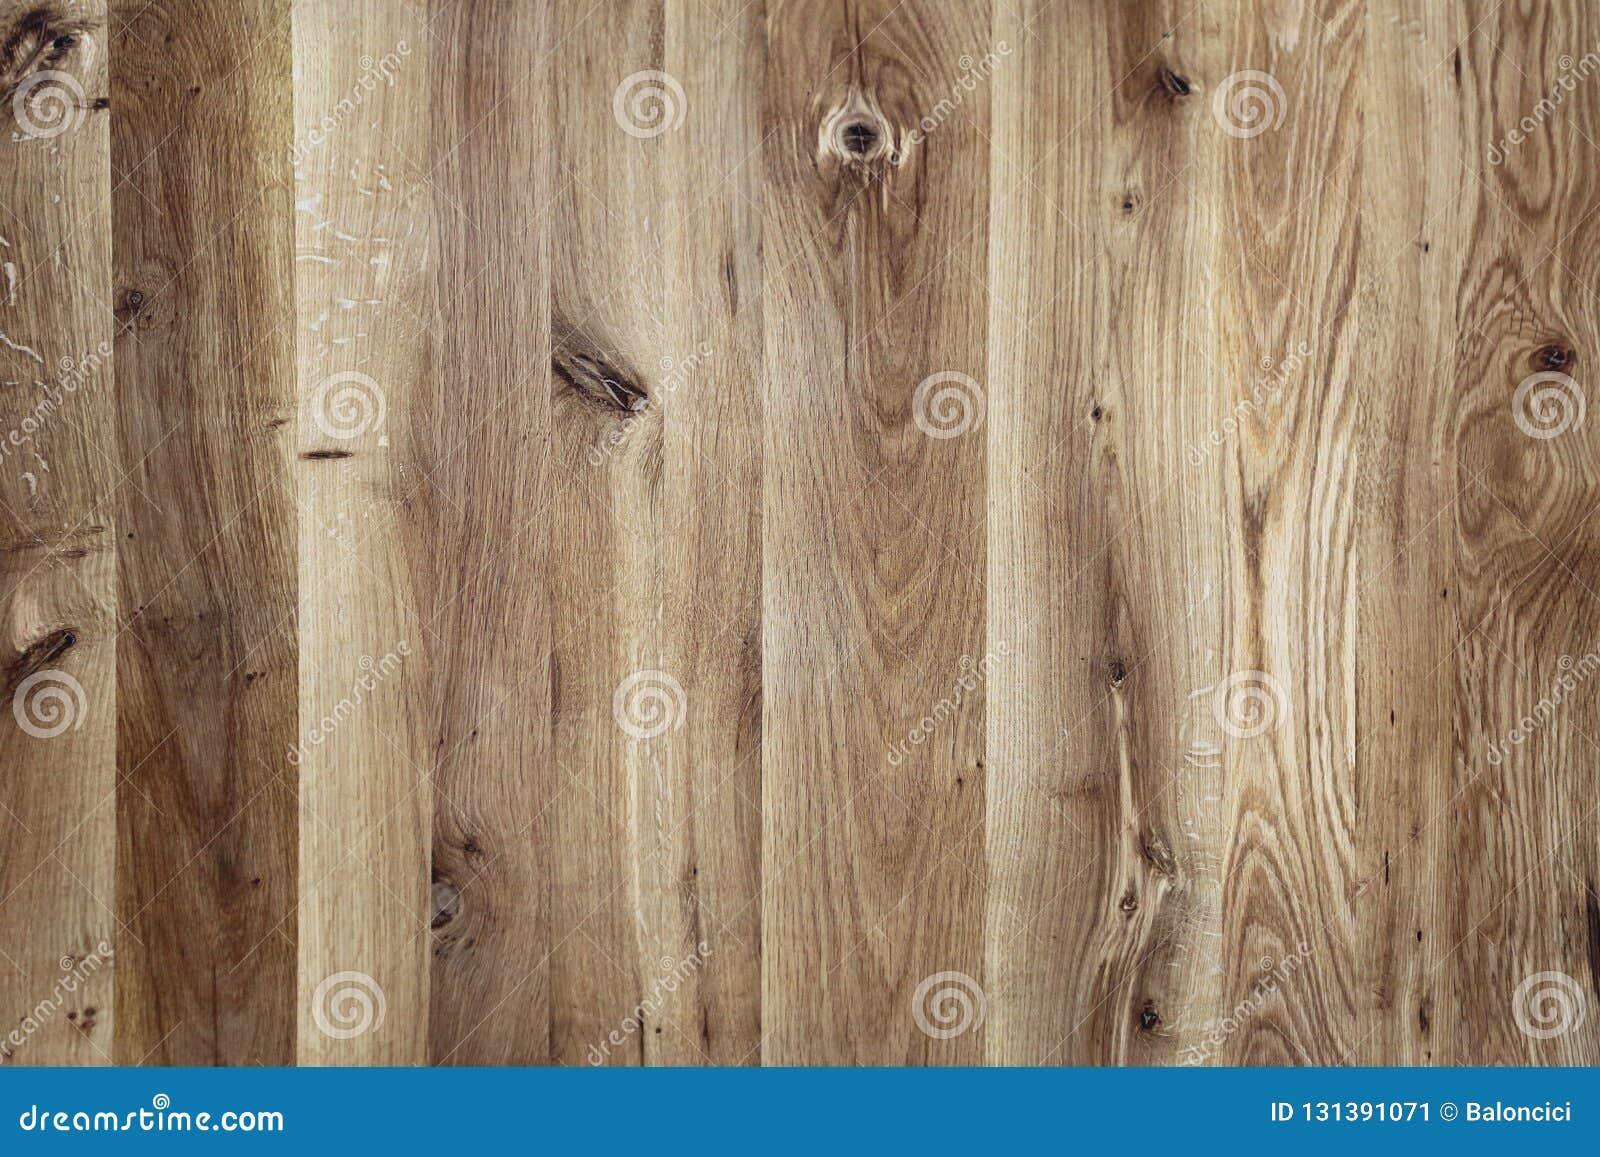 Ξύλινο υπόβαθρο σανίδων με τη λεπτή Woodgrain σύσταση